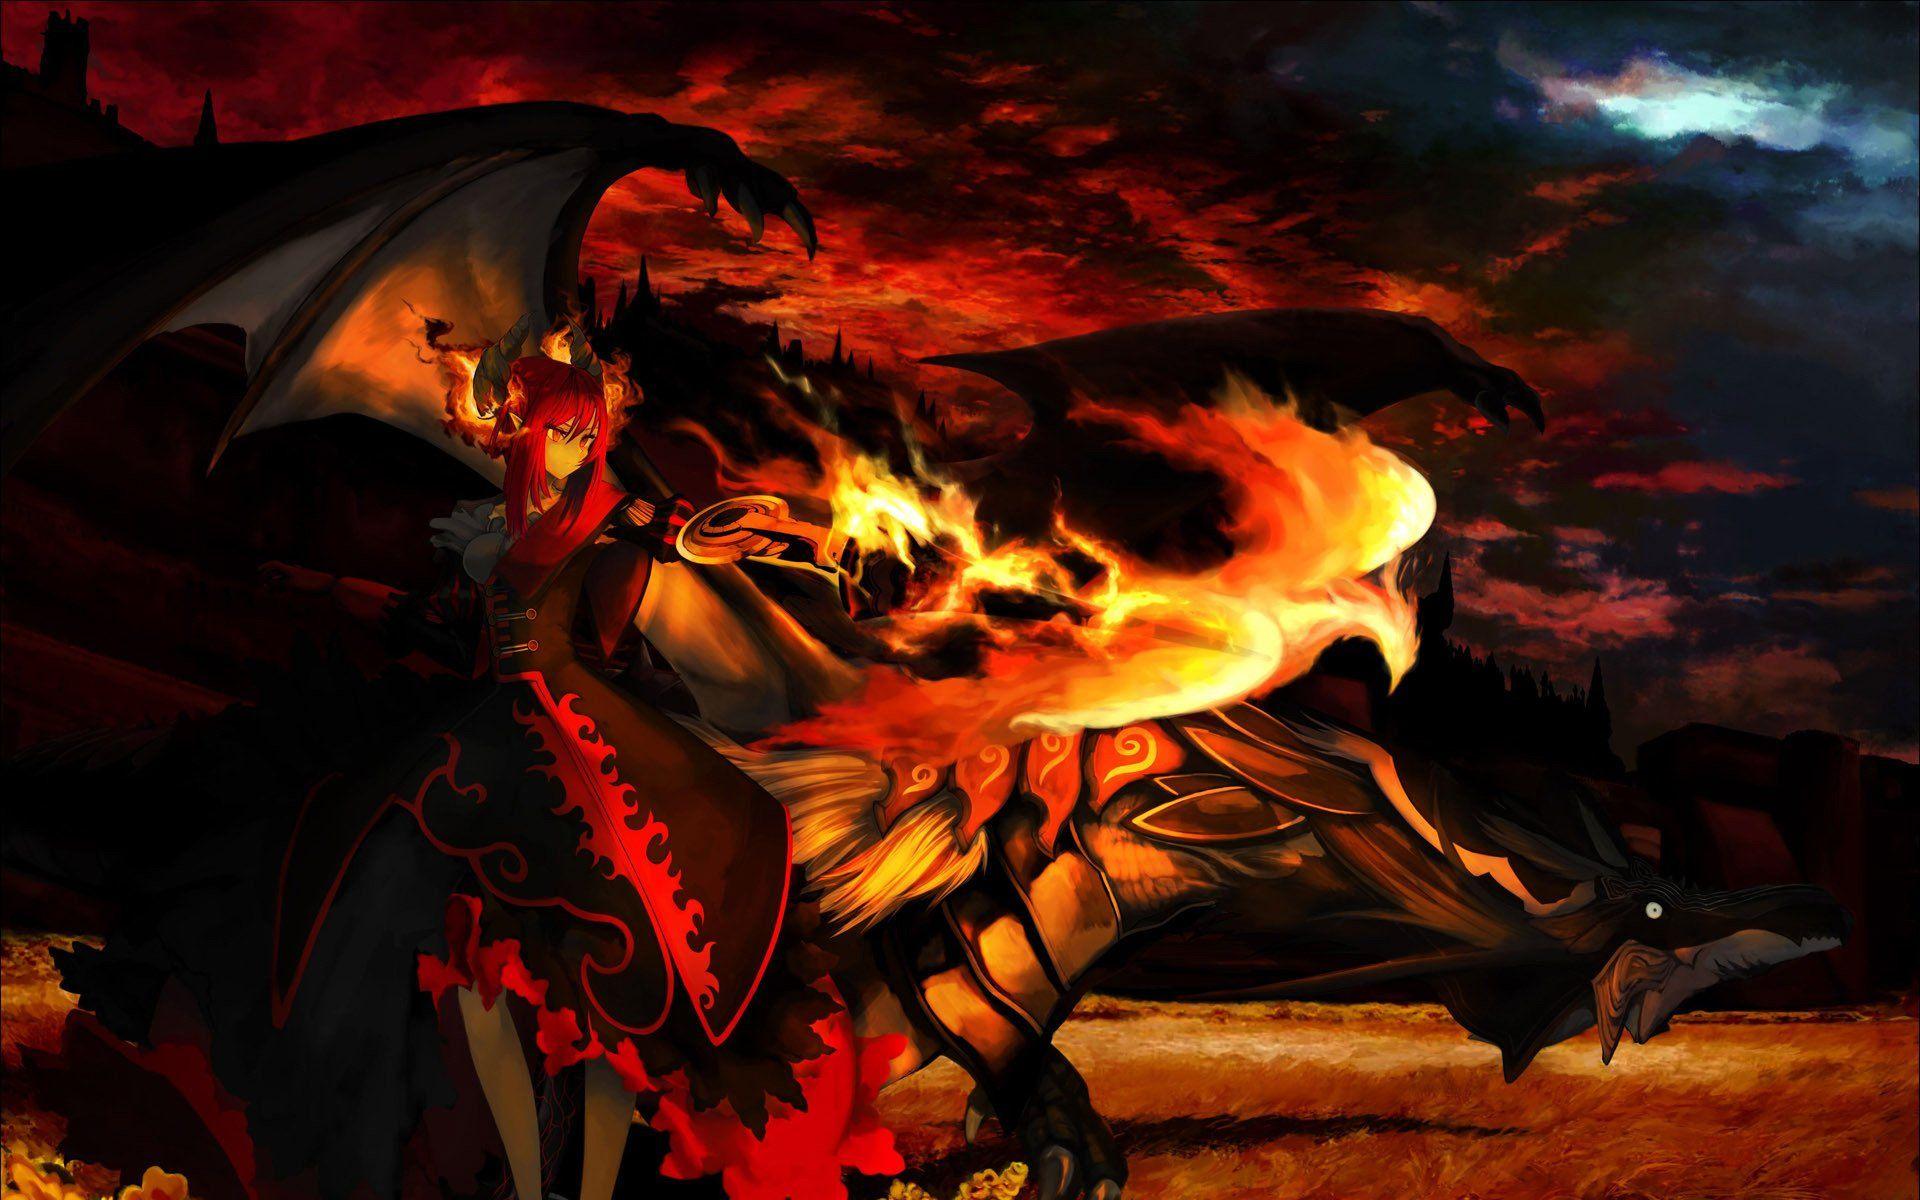 Demon Woman Dragon Fire Jpg 1920 1200 Phoenix Wallpaper Dragon Ball Wallpaper Iphone Awesome Anime